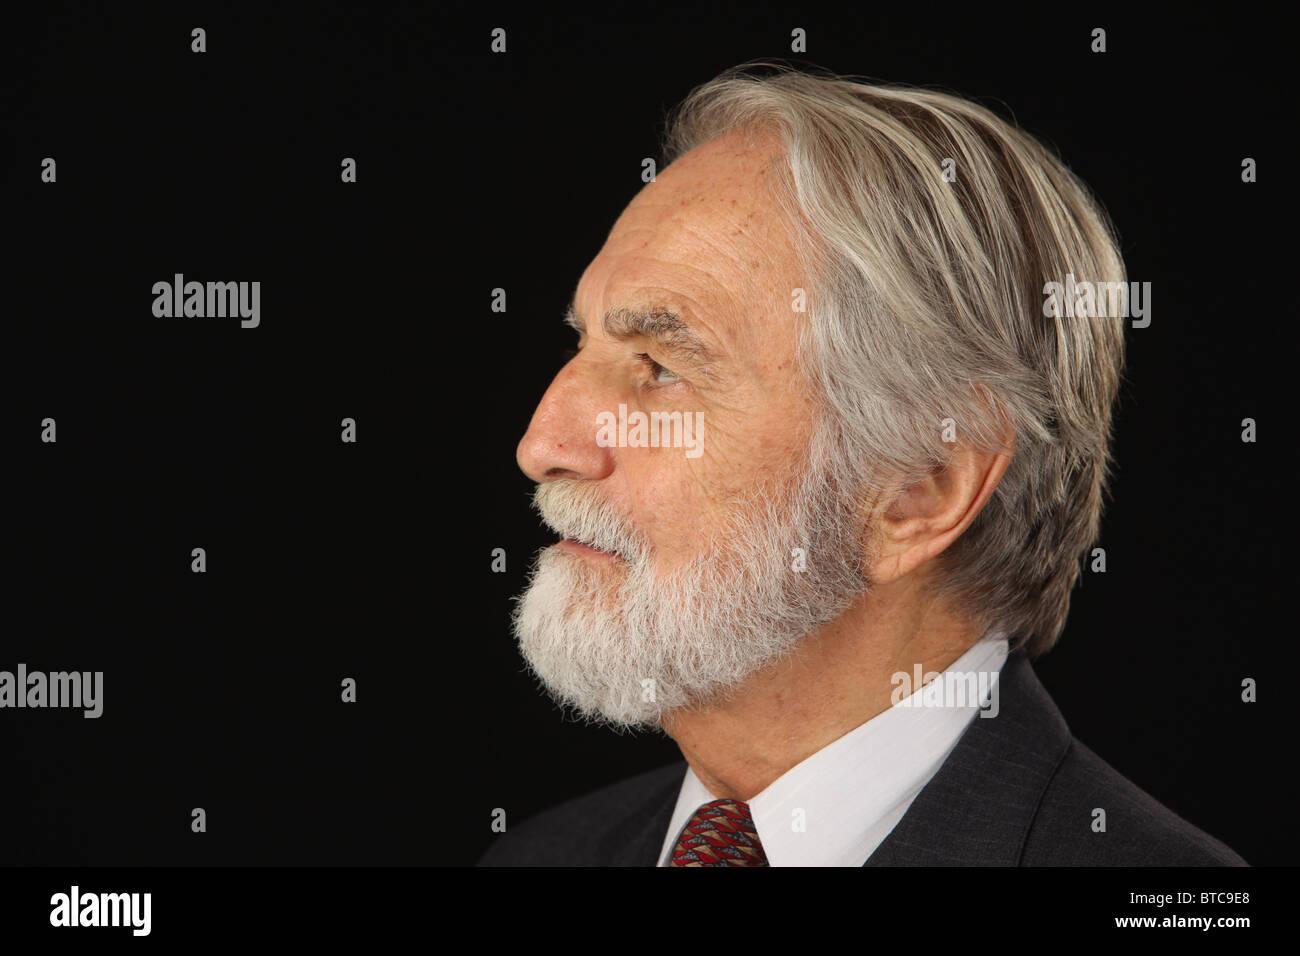 Ritratto di profilo di barba e capelli grigi imprenditore senior in tuta e  cravatta 30fe8dca7d5a